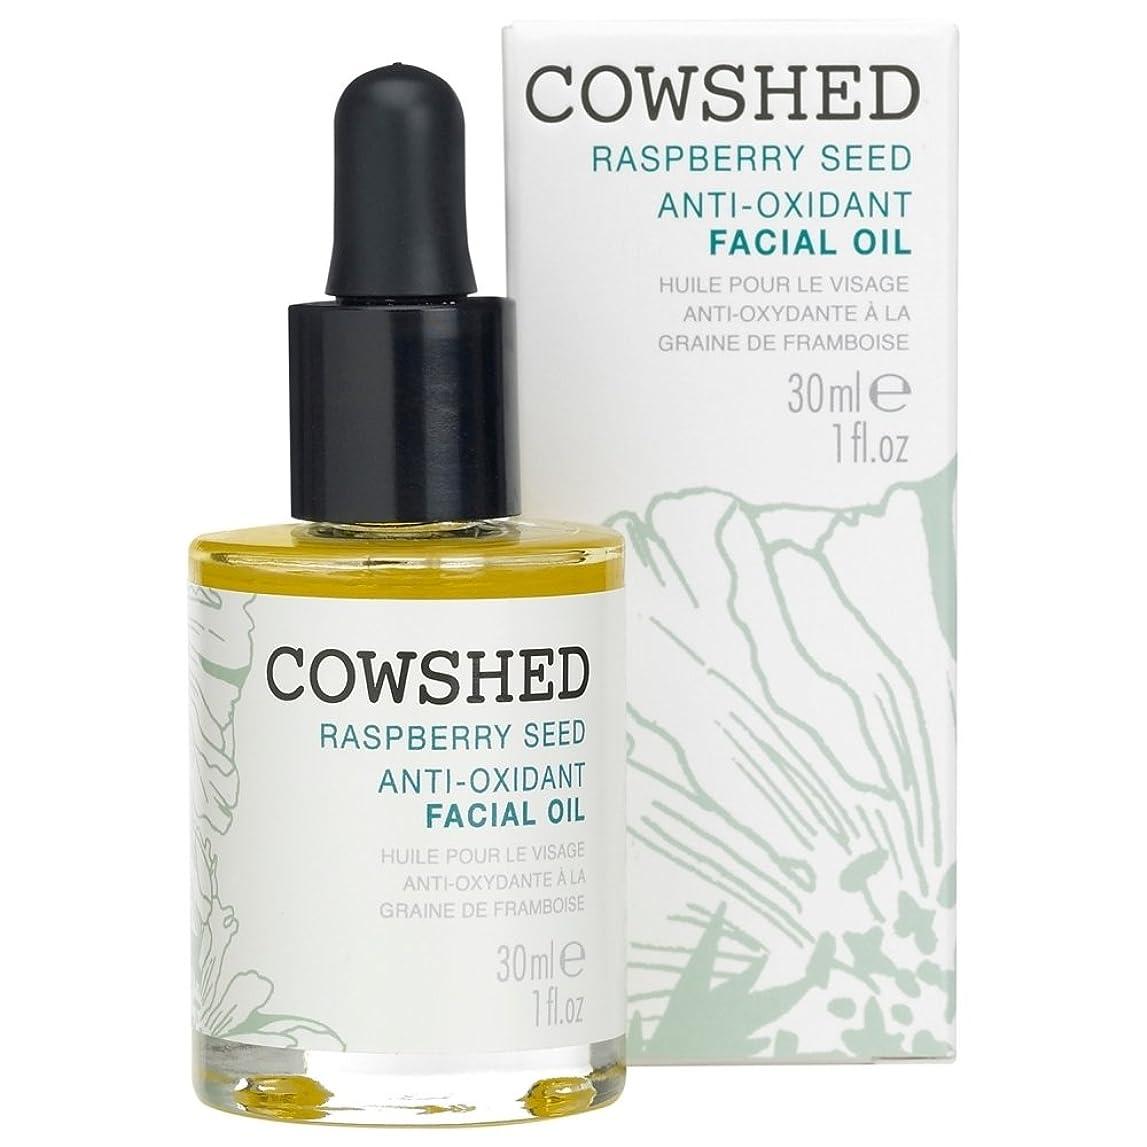 エイリアンペリスコープ落ち着く牛舎ラズベリーシード抗酸化フェイシャルオイル30ミリリットル (Cowshed) - Cowshed Raspberry Seed Anti-Oxidant Facial Oil 30ml [並行輸入品]